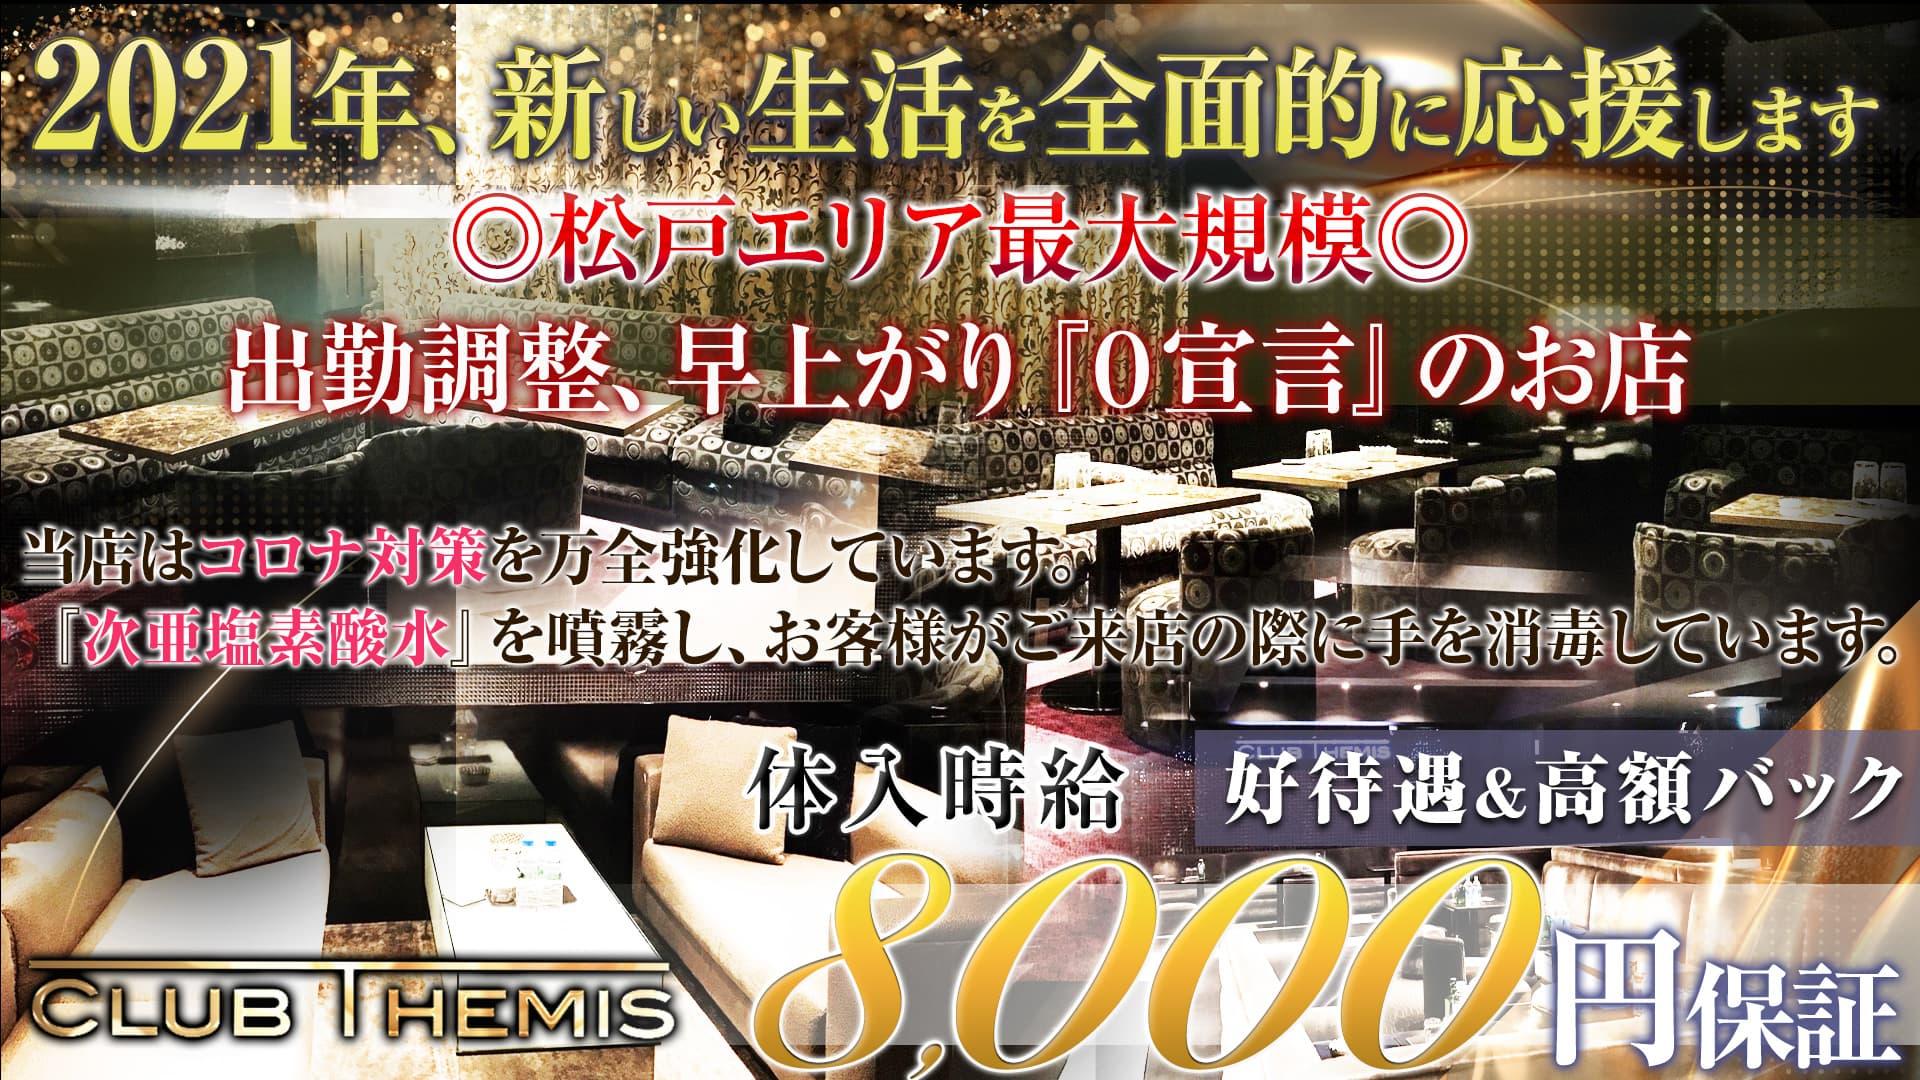 Club Themis(テミス)【公式求人・体入情報】 松戸キャバクラ TOP画像